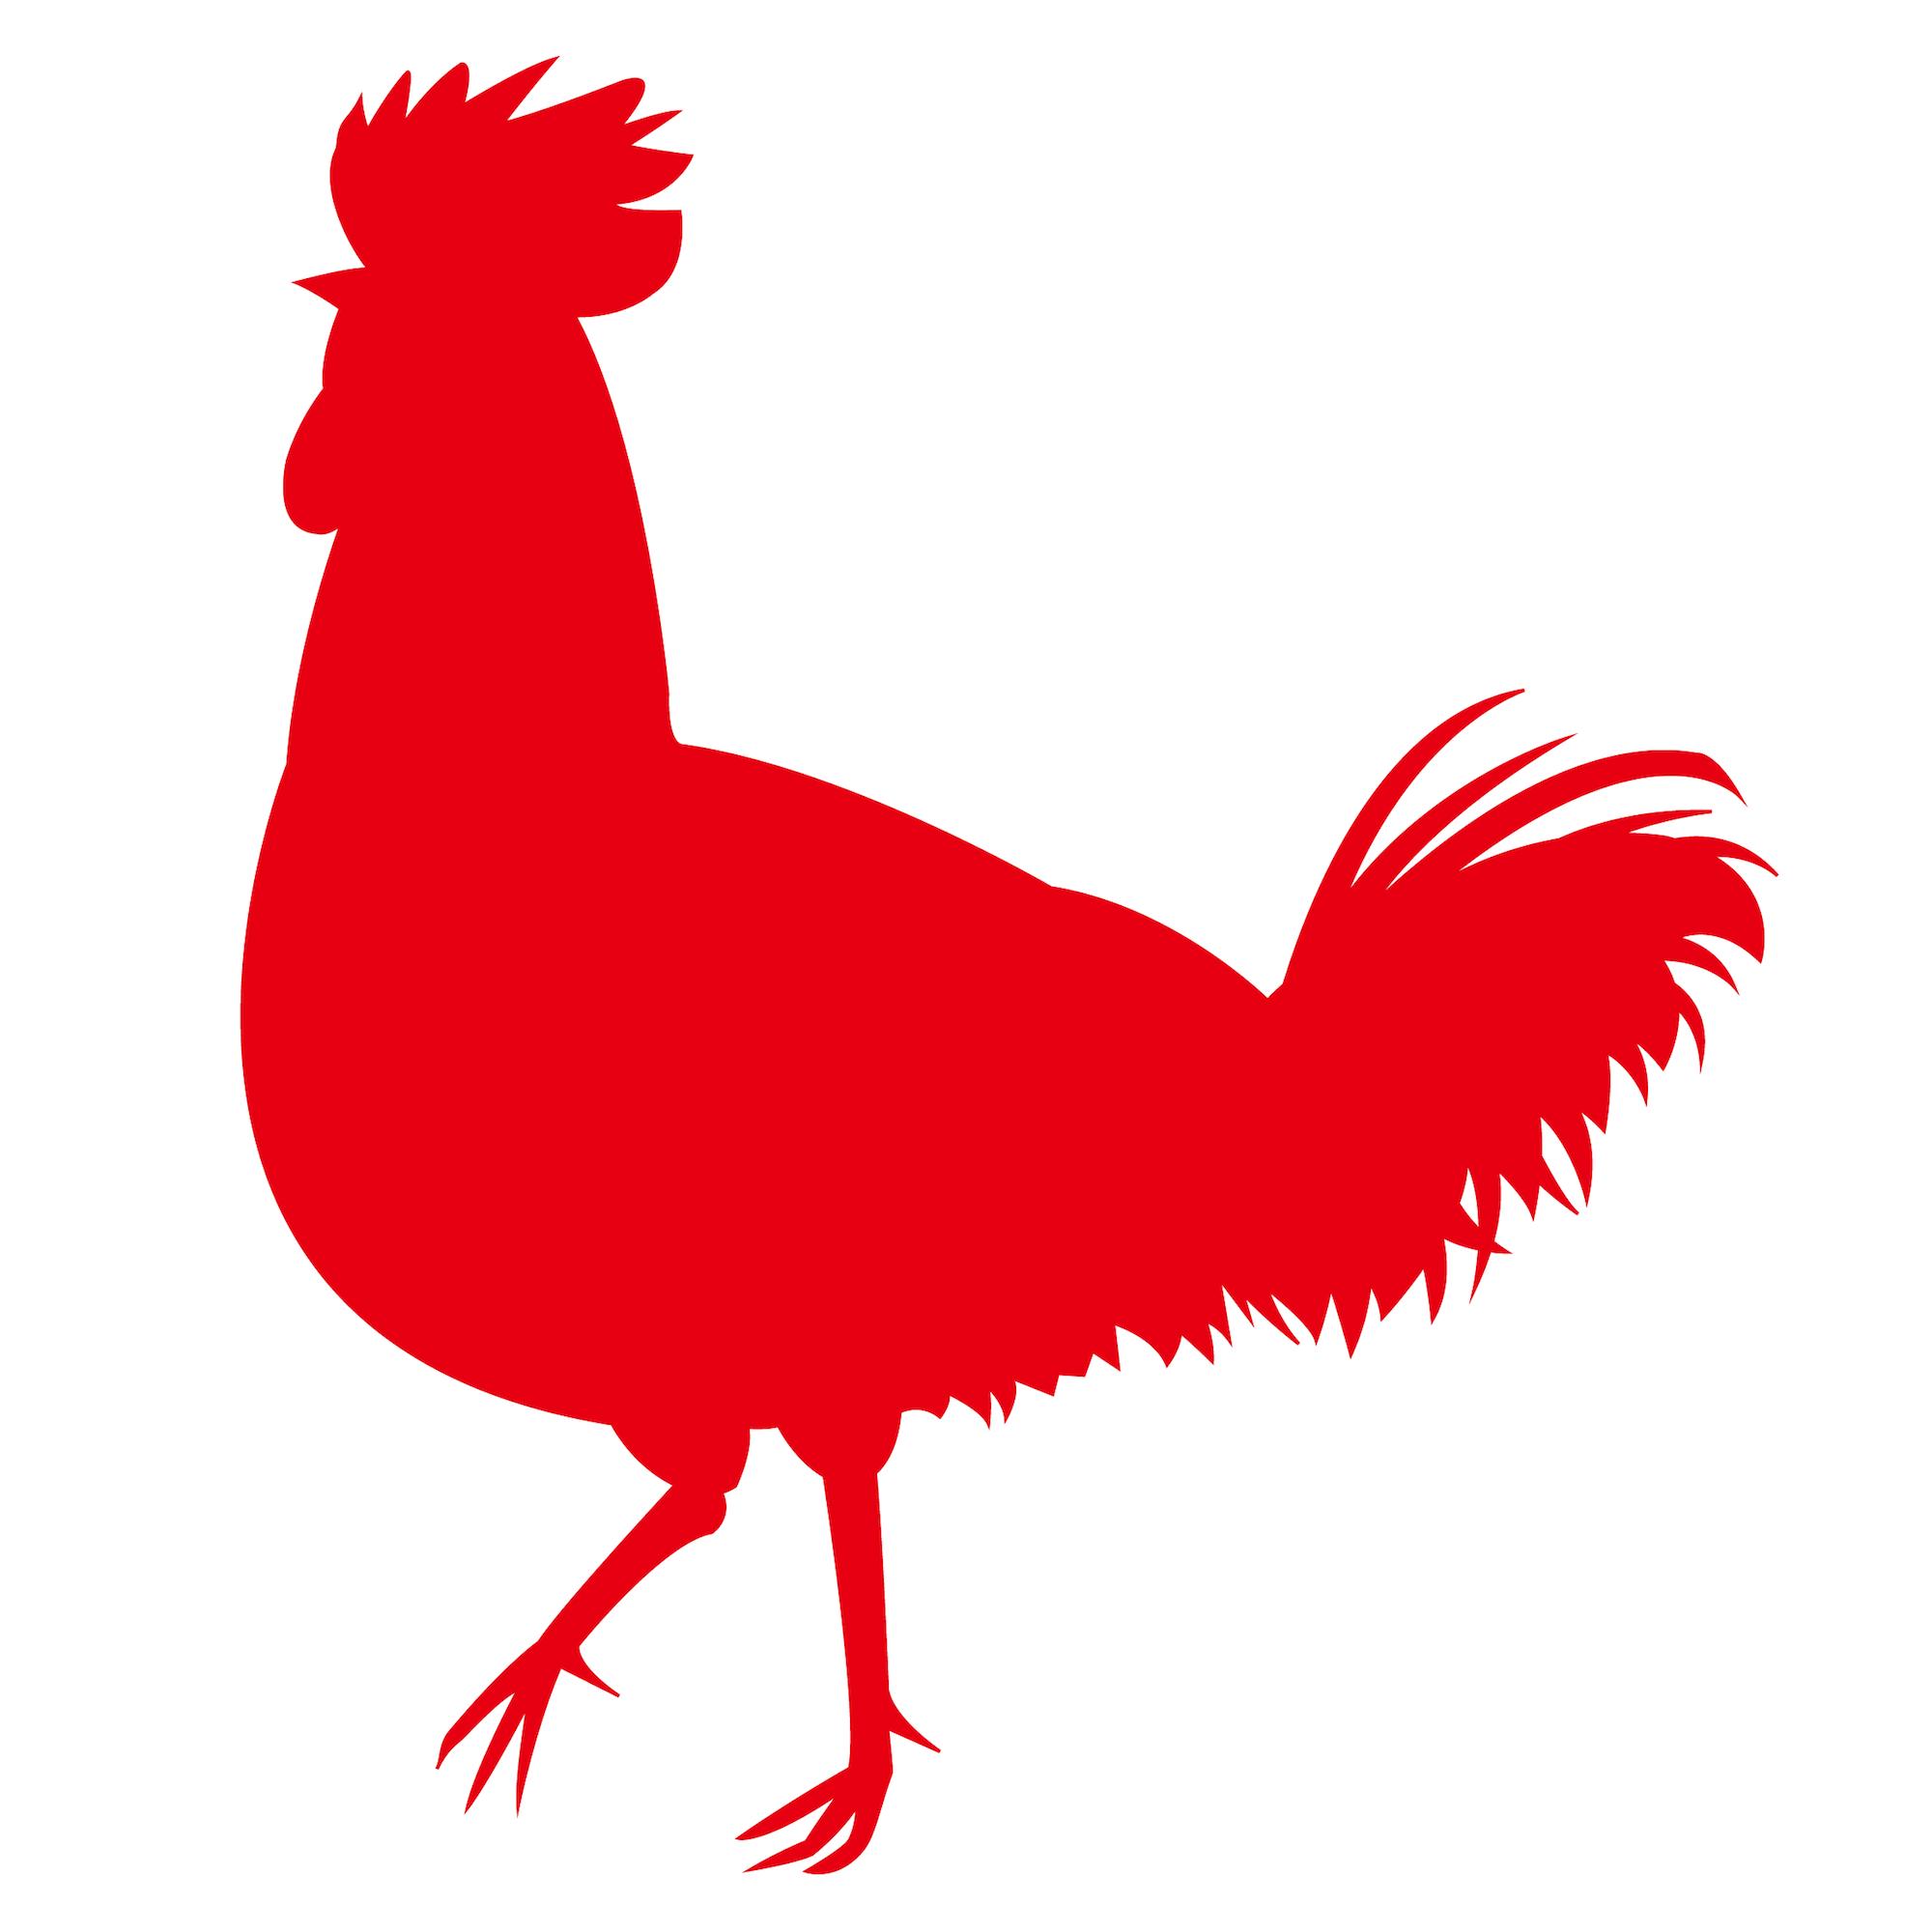 ニワトリ鶏☆シルエット影絵イラスト